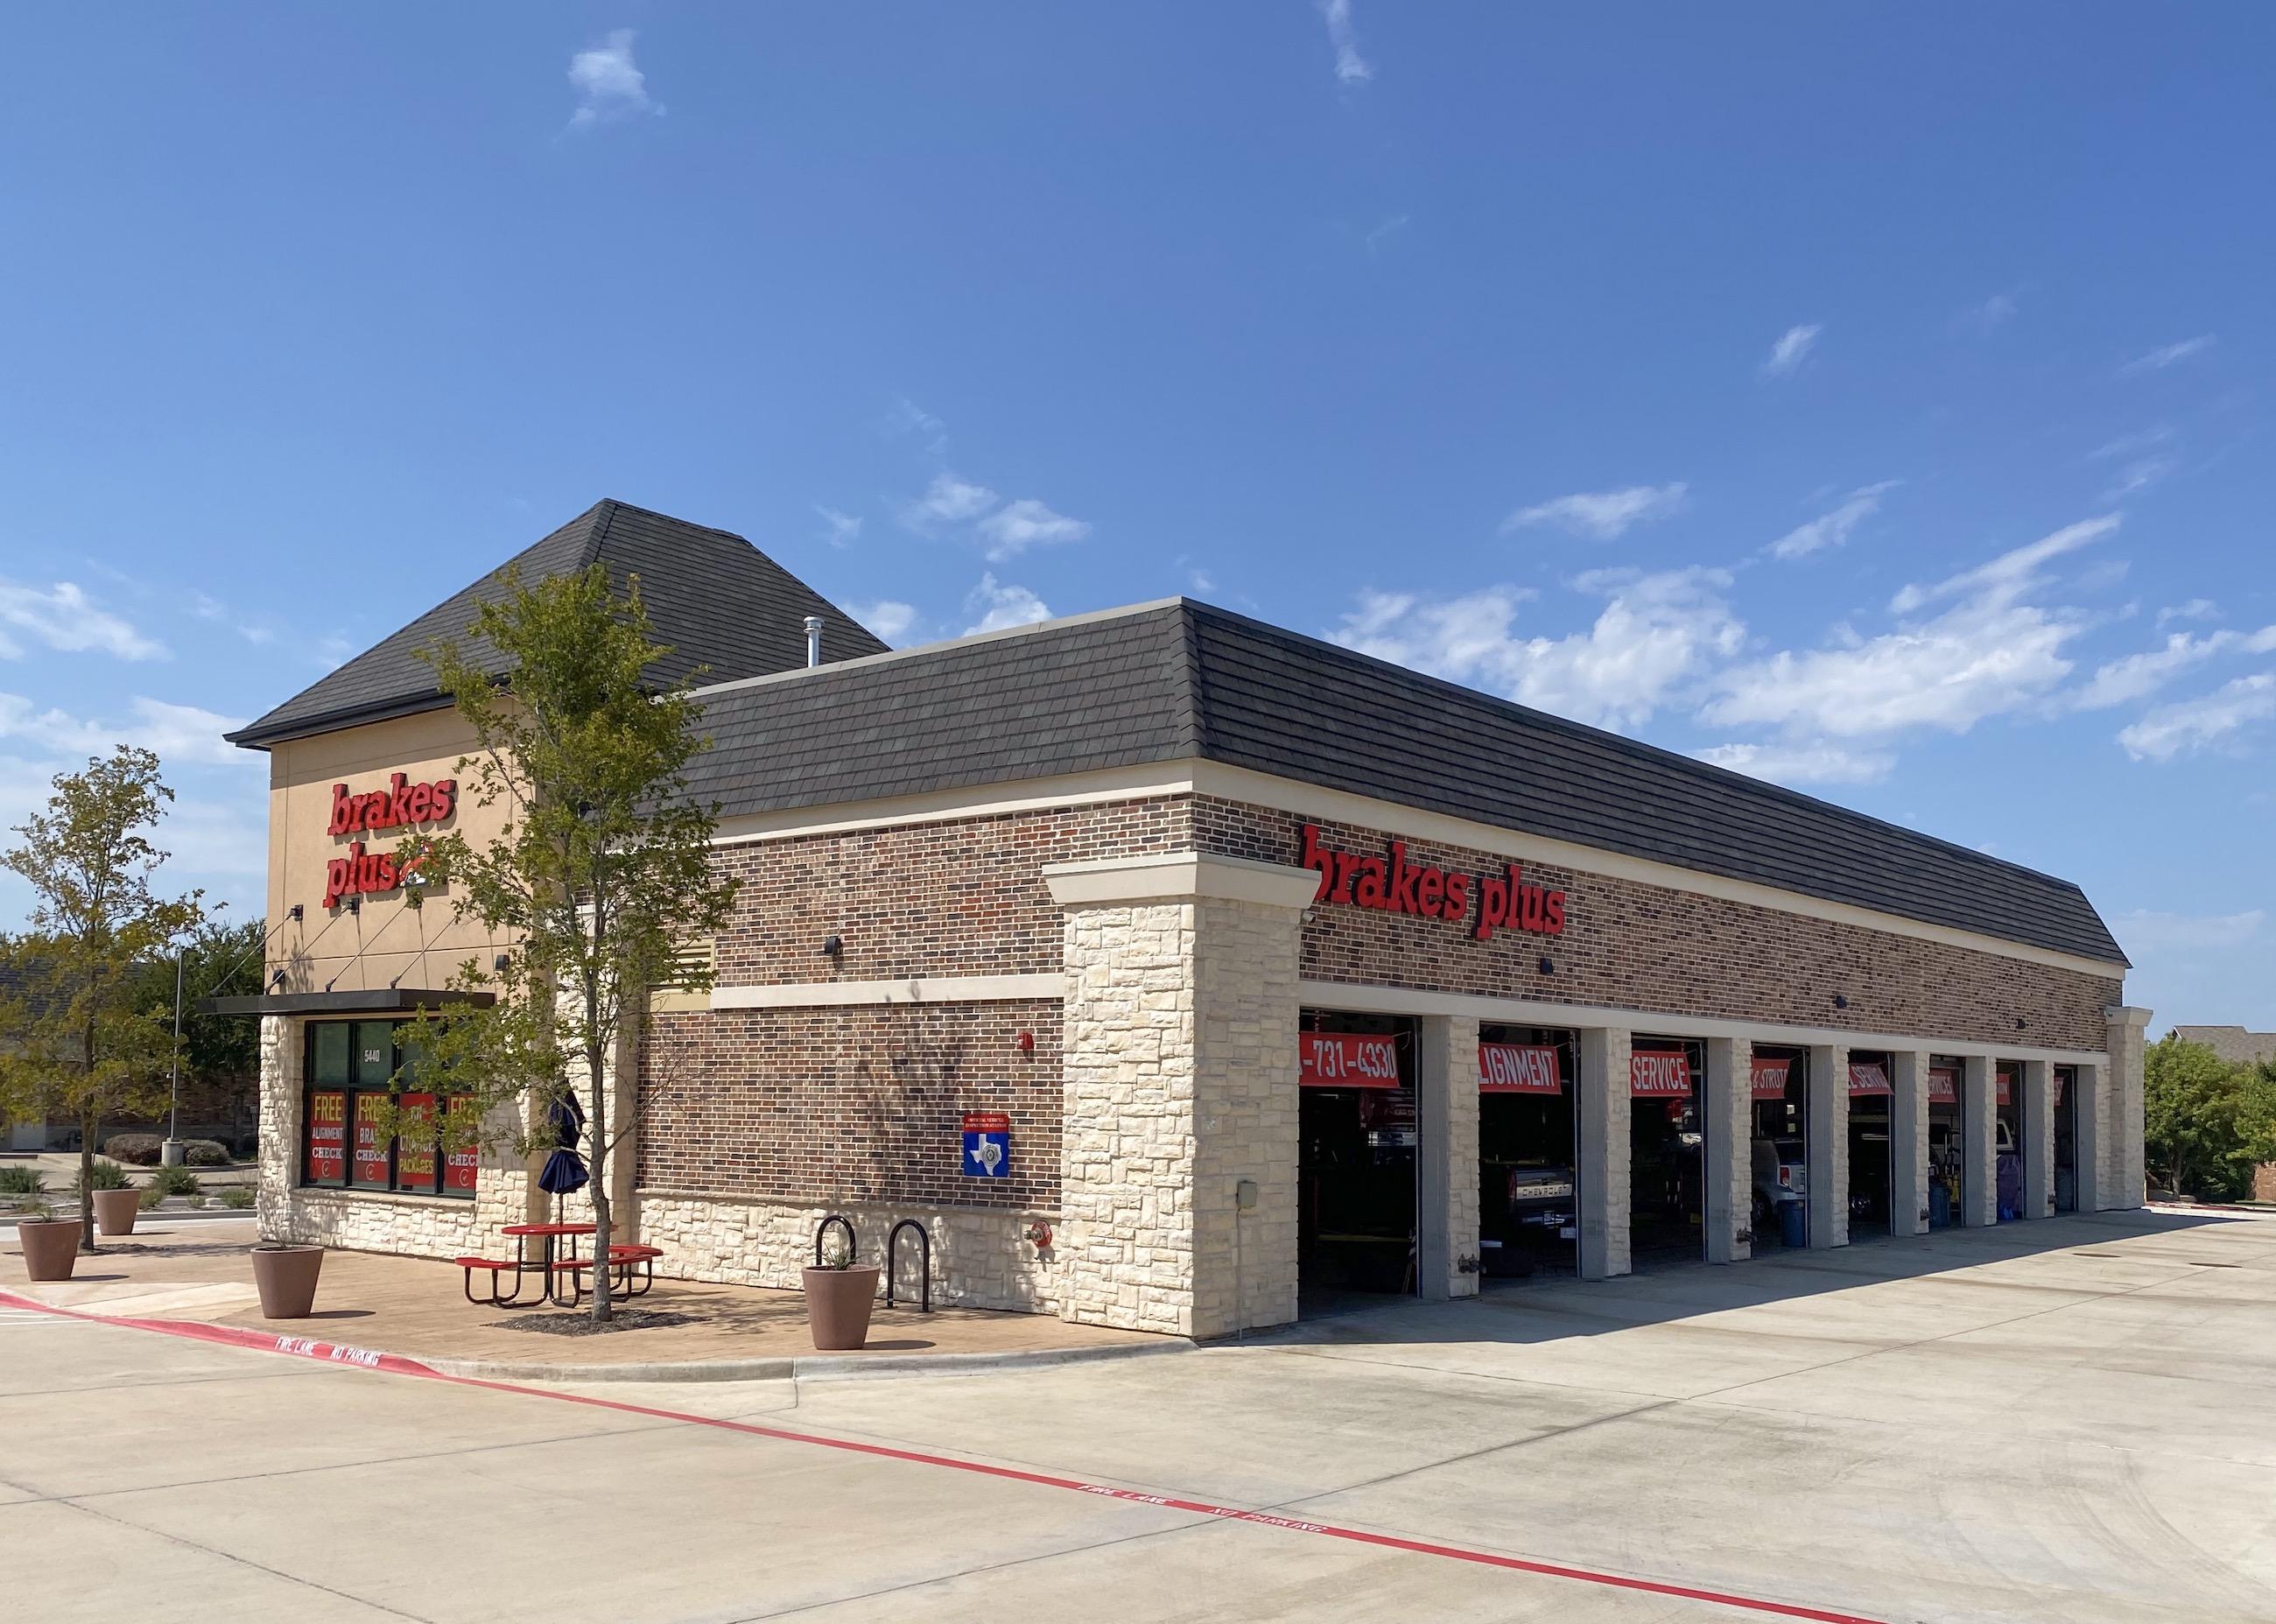 Brakes Plus at Frisco, TX - Legacy